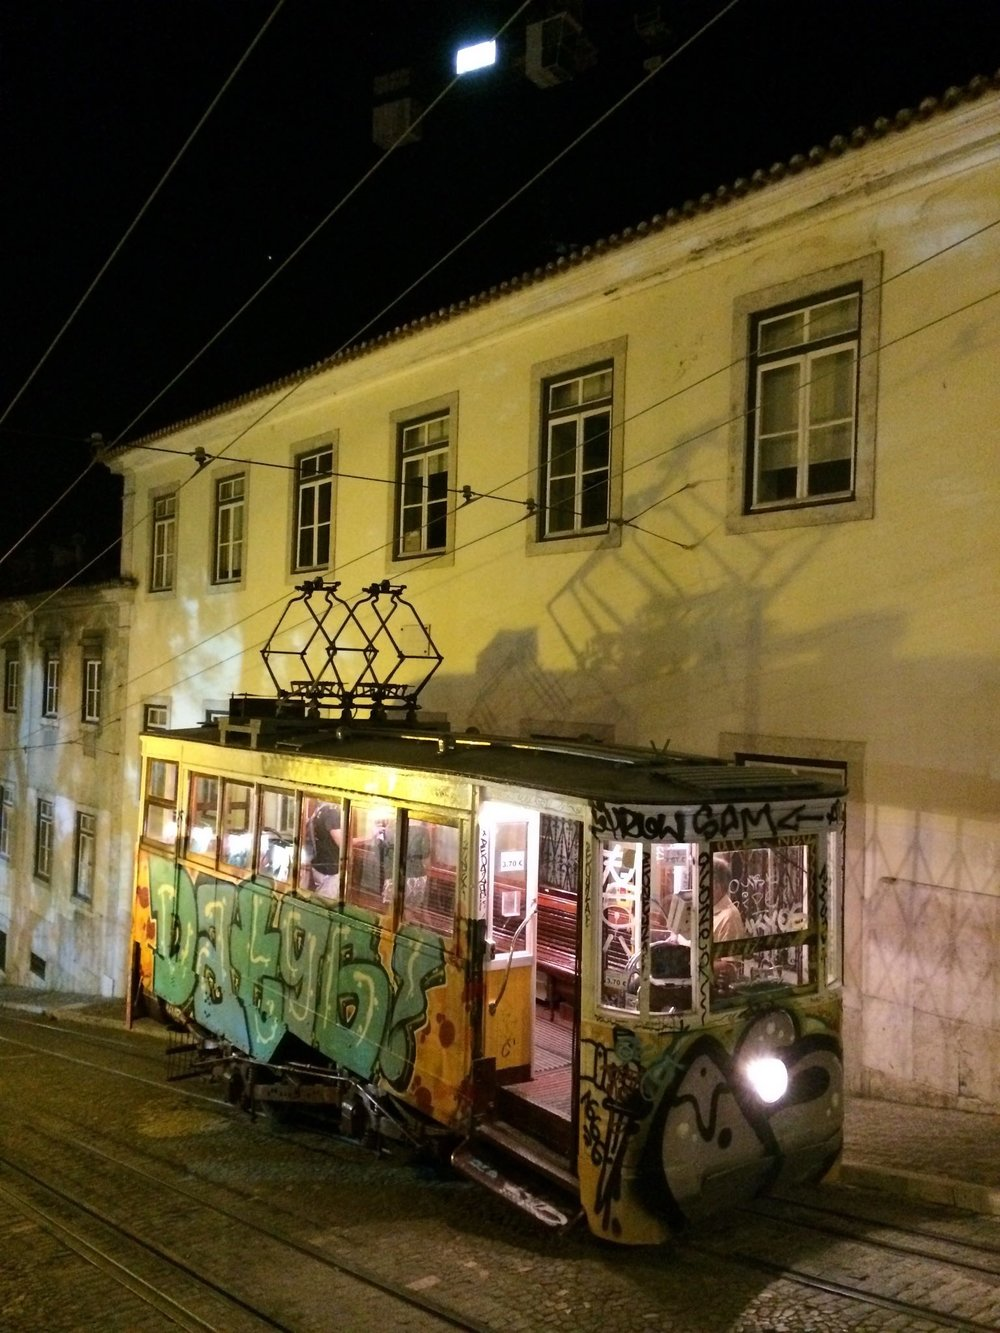 #disawistories #lissabon #tram.jpg